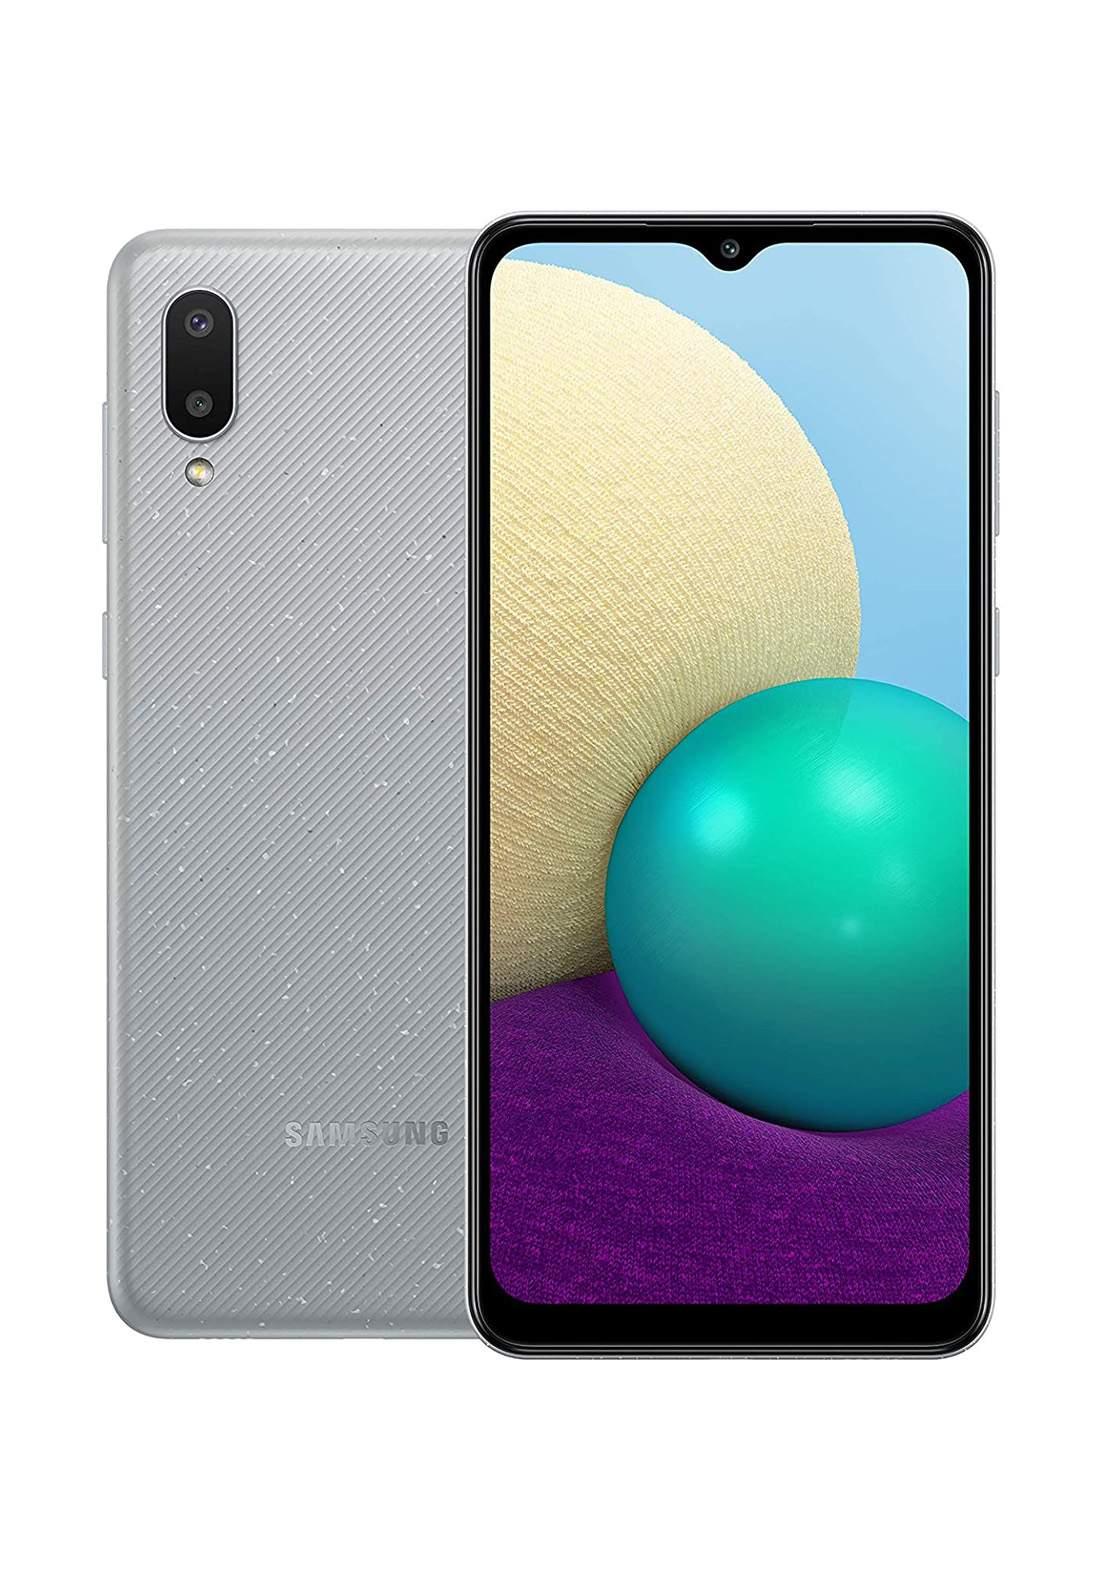 Samsung Galaxy A02 Dual SIM 3 GB Ram 64 GB- Gray